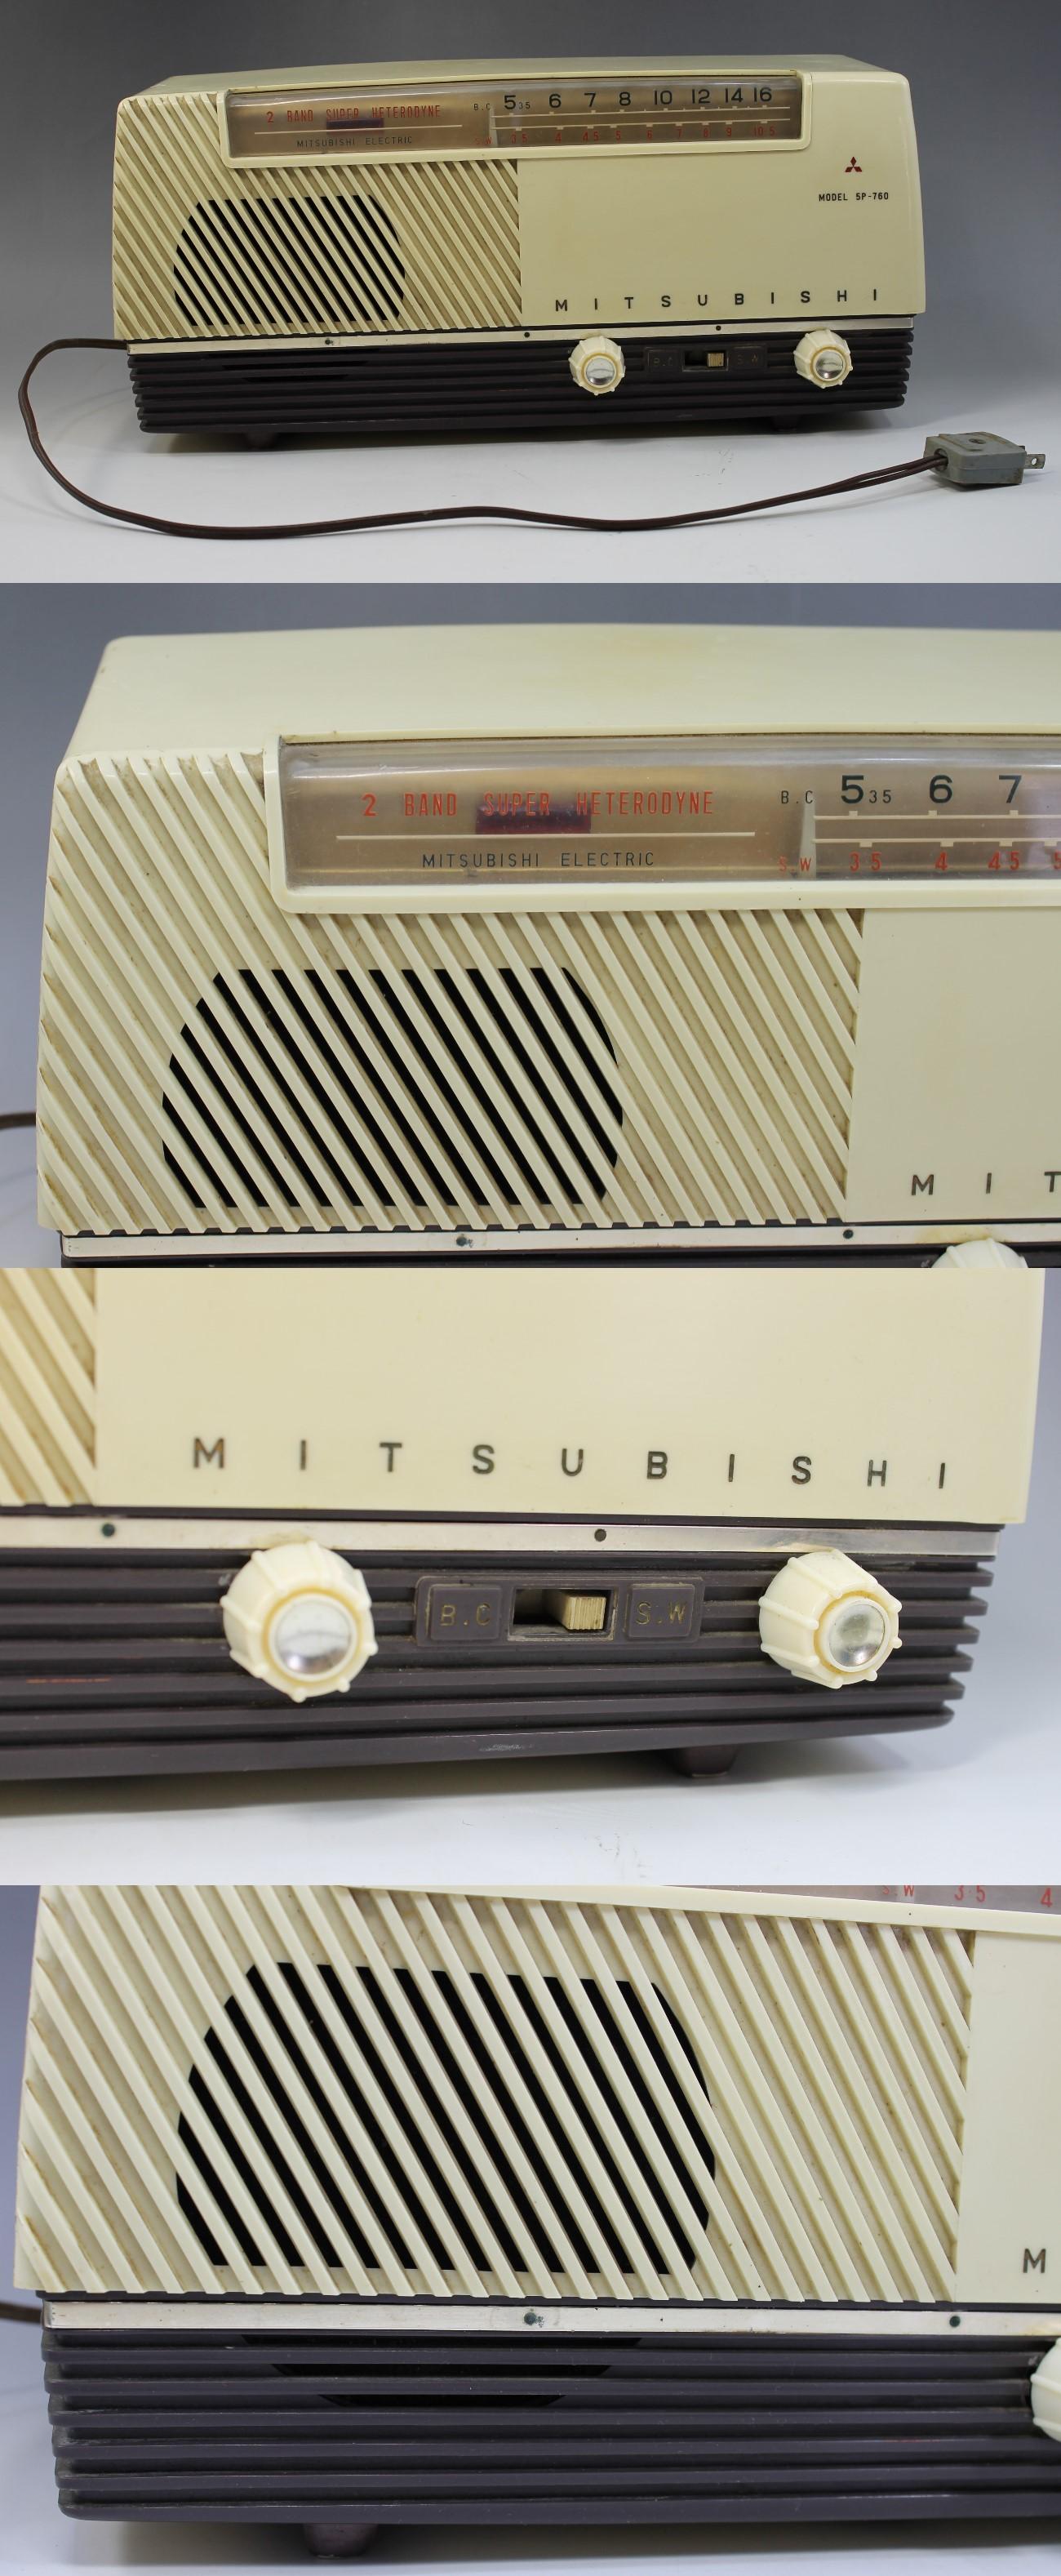 ラジオベージュ1